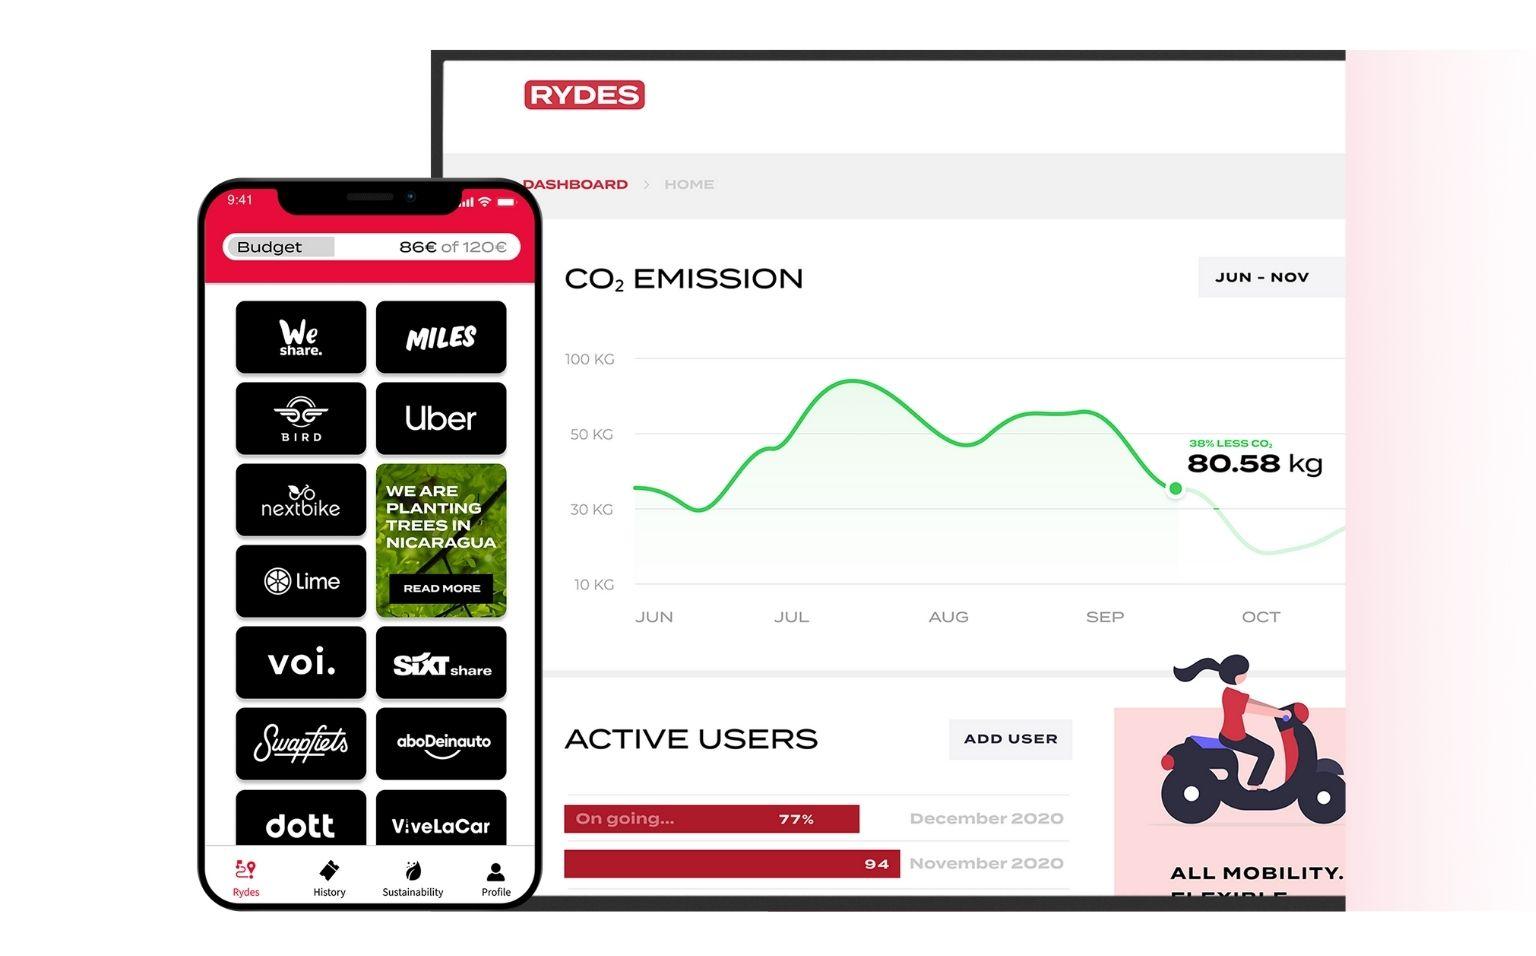 RYDES Mobilitätsbudget app und HR-Dashboard